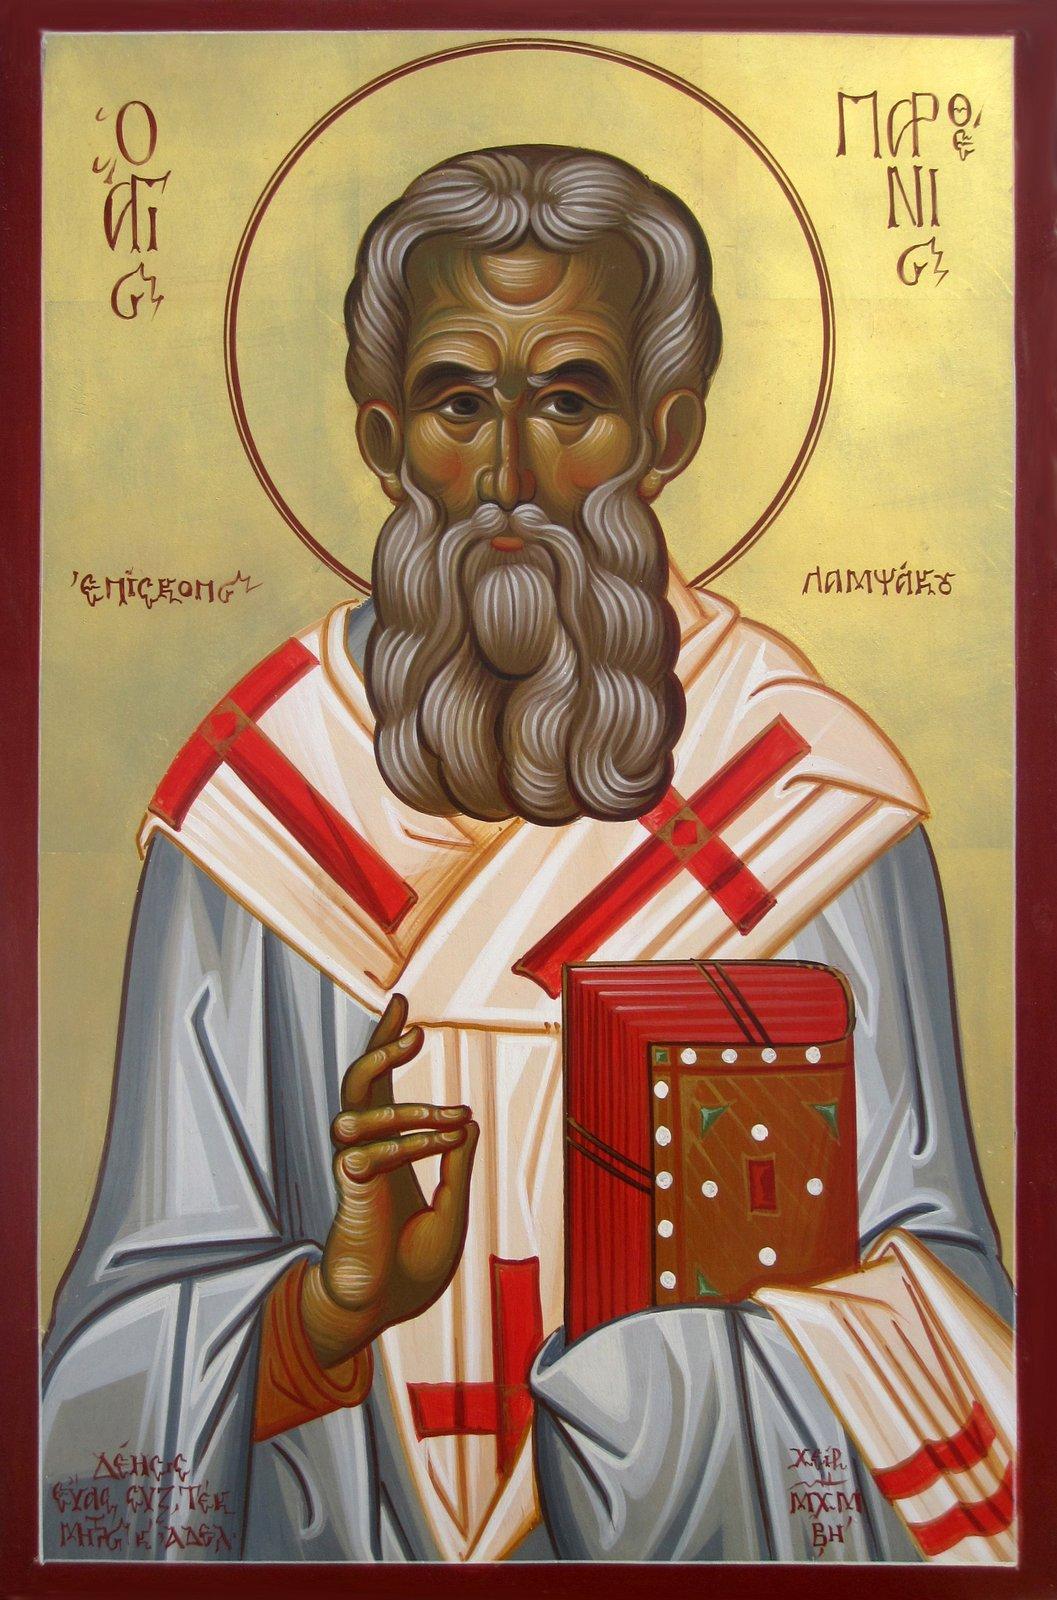 Αγιος Παρθένιος Επίσκοπος Λαμψάκου (προστάτης των καρκινοπαθών, 7 Φεβρουαρίου)